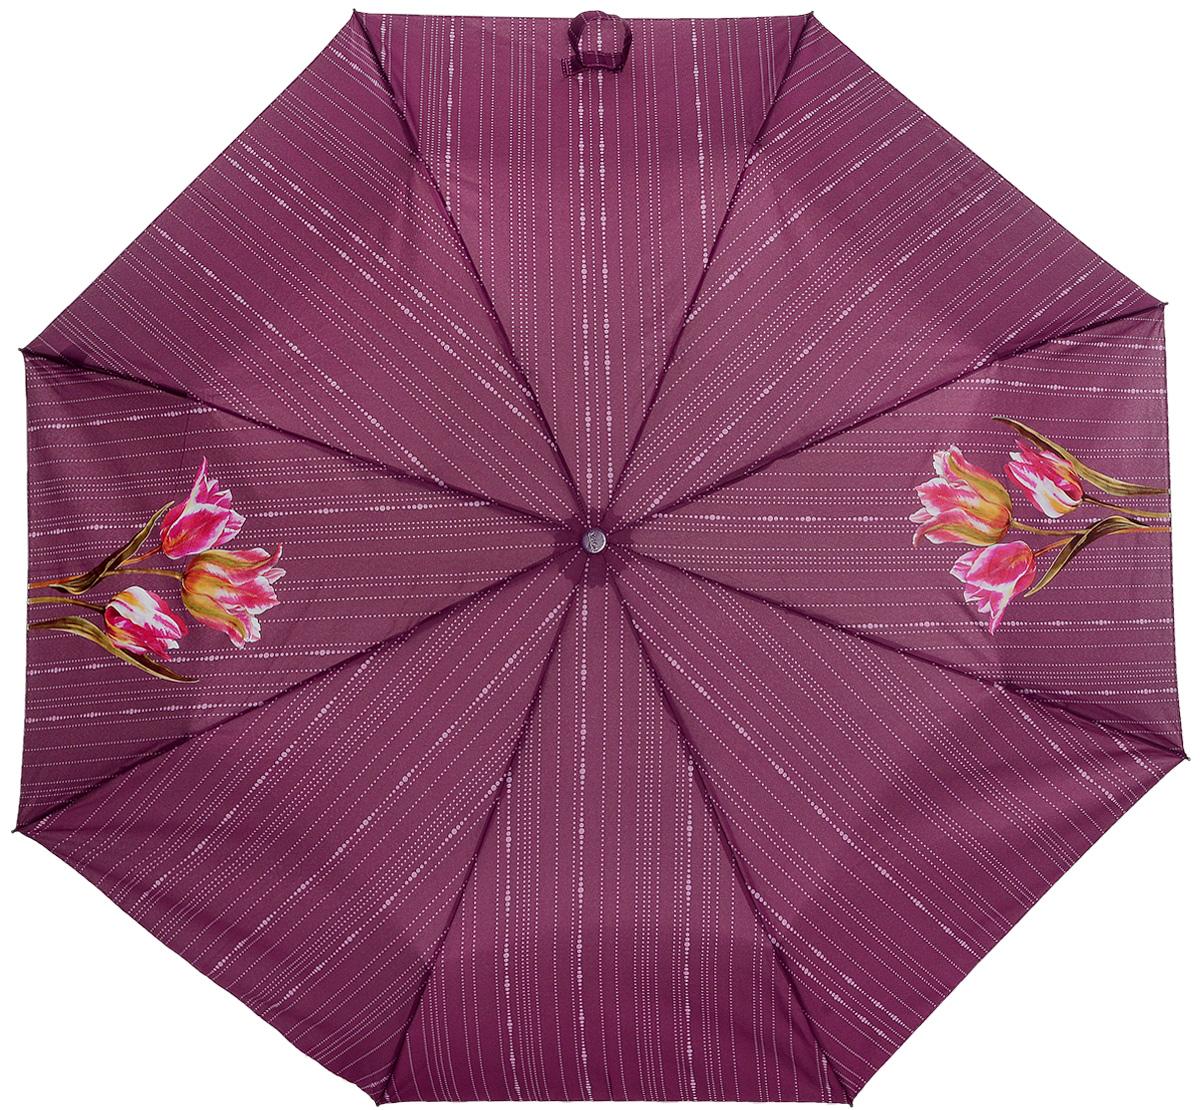 Зонт женский Airton, механический, 3 сложения, цвет: бордовый, зеленый. 3511-178CX1516-50-10Классический женский зонт Airton в 3 сложения имеет механическую систему открытия и закрытия.Каркас зонта выполнен из восьми спиц на прочном стержне. Купол зонта изготовлен из прочного полиэстера. Практичная рукоятка закругленной формы разработана с учетом требований эргономики и выполнена из качественного пластика с противоскользящей обработкой.Такой зонт оснащен системой антиветер, которая позволяет спицам при порывах ветрах выгибаться наизнанку, и при этом не ломаться. К зонту прилагается чехол.